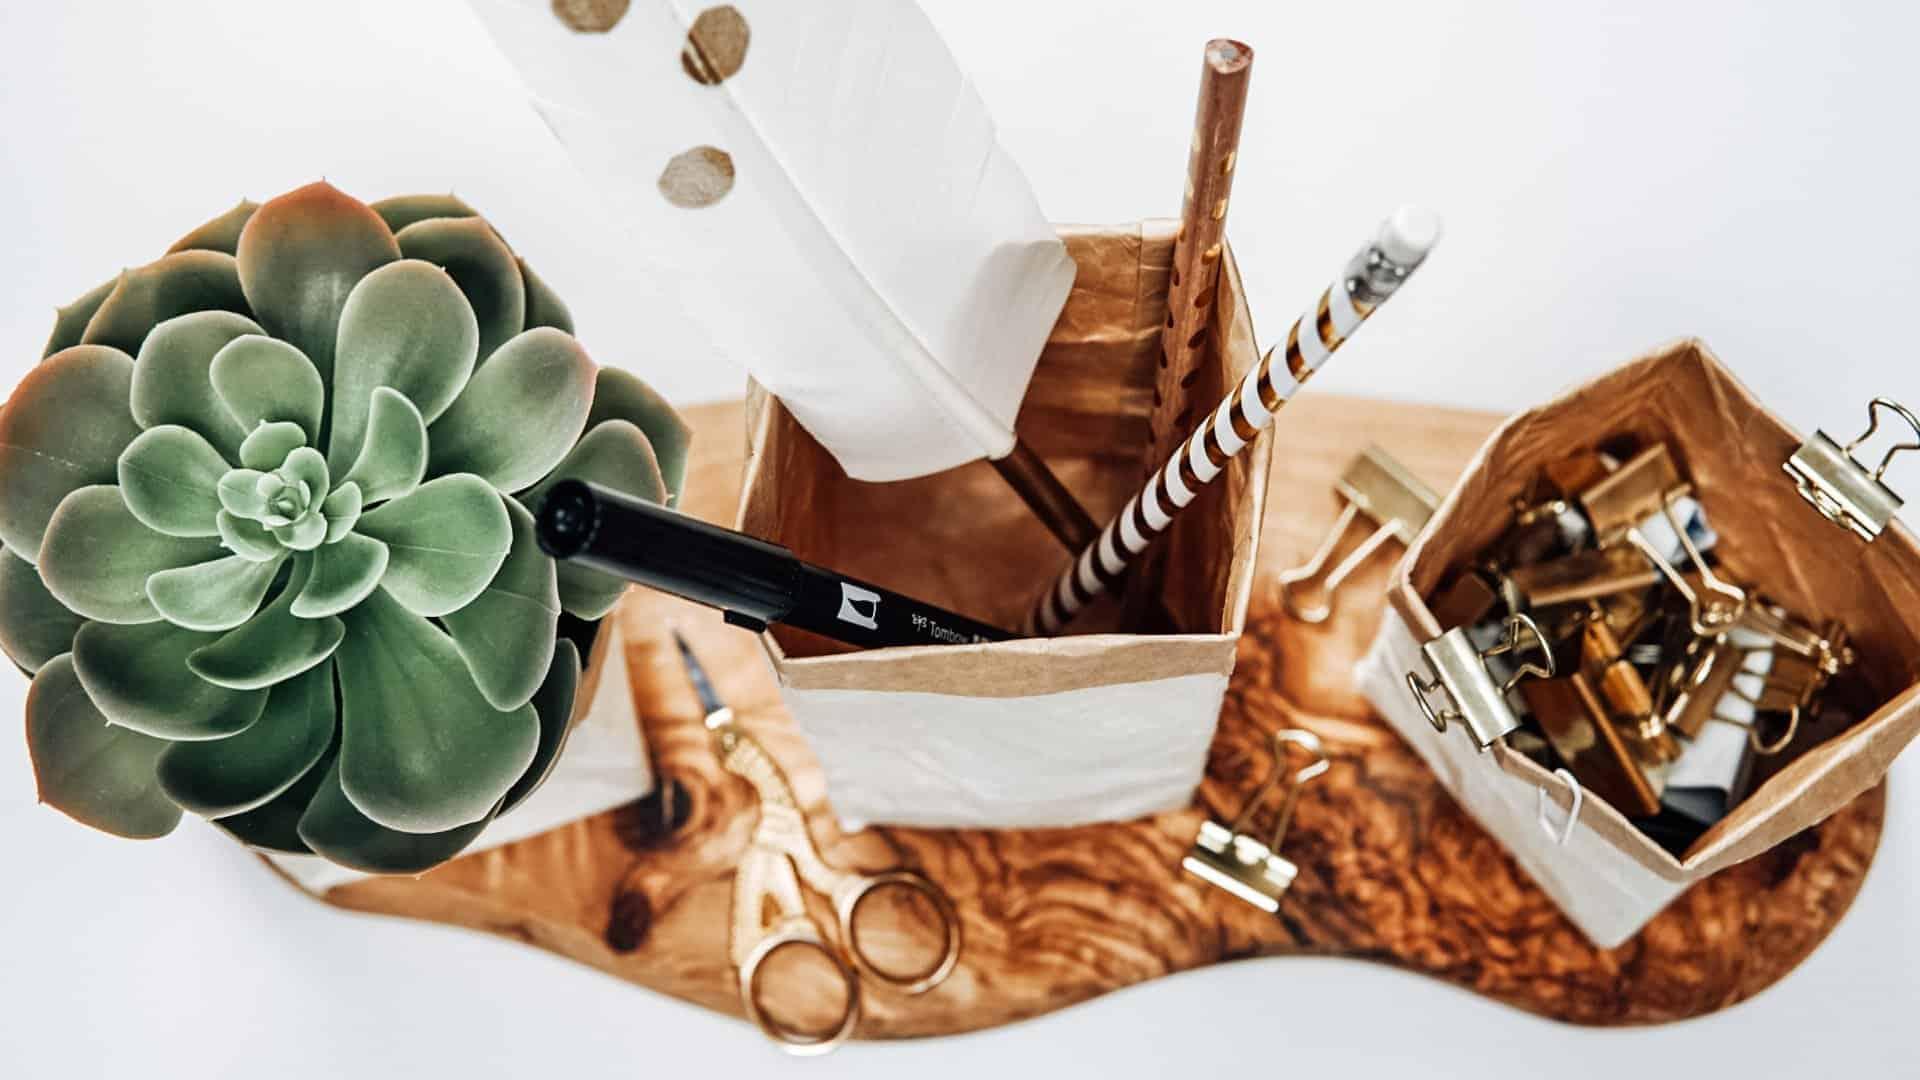 Milchtüten Upcycling Endergebnis näher fotografiert mit Schreibtischutensilien und einer Pflanze